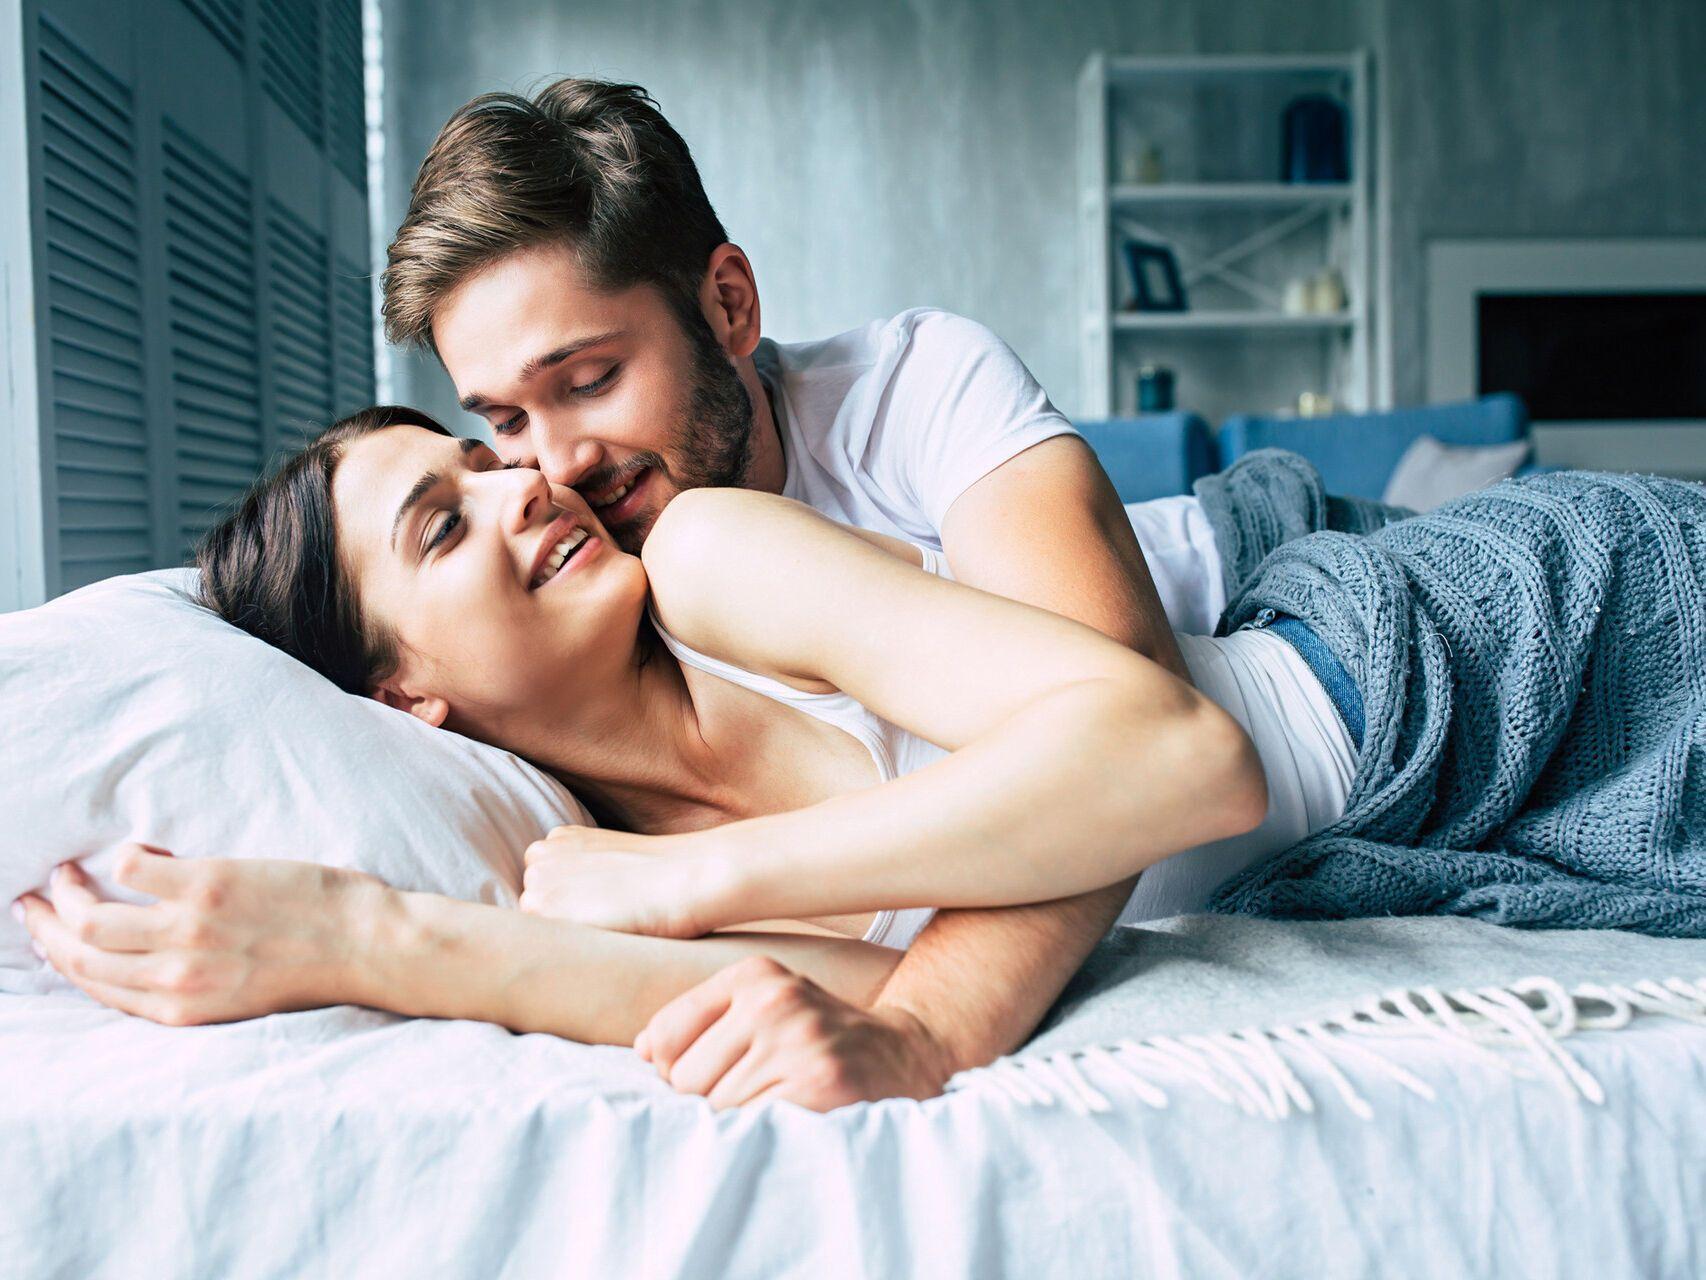 Сексом занимаются не только для оргазма